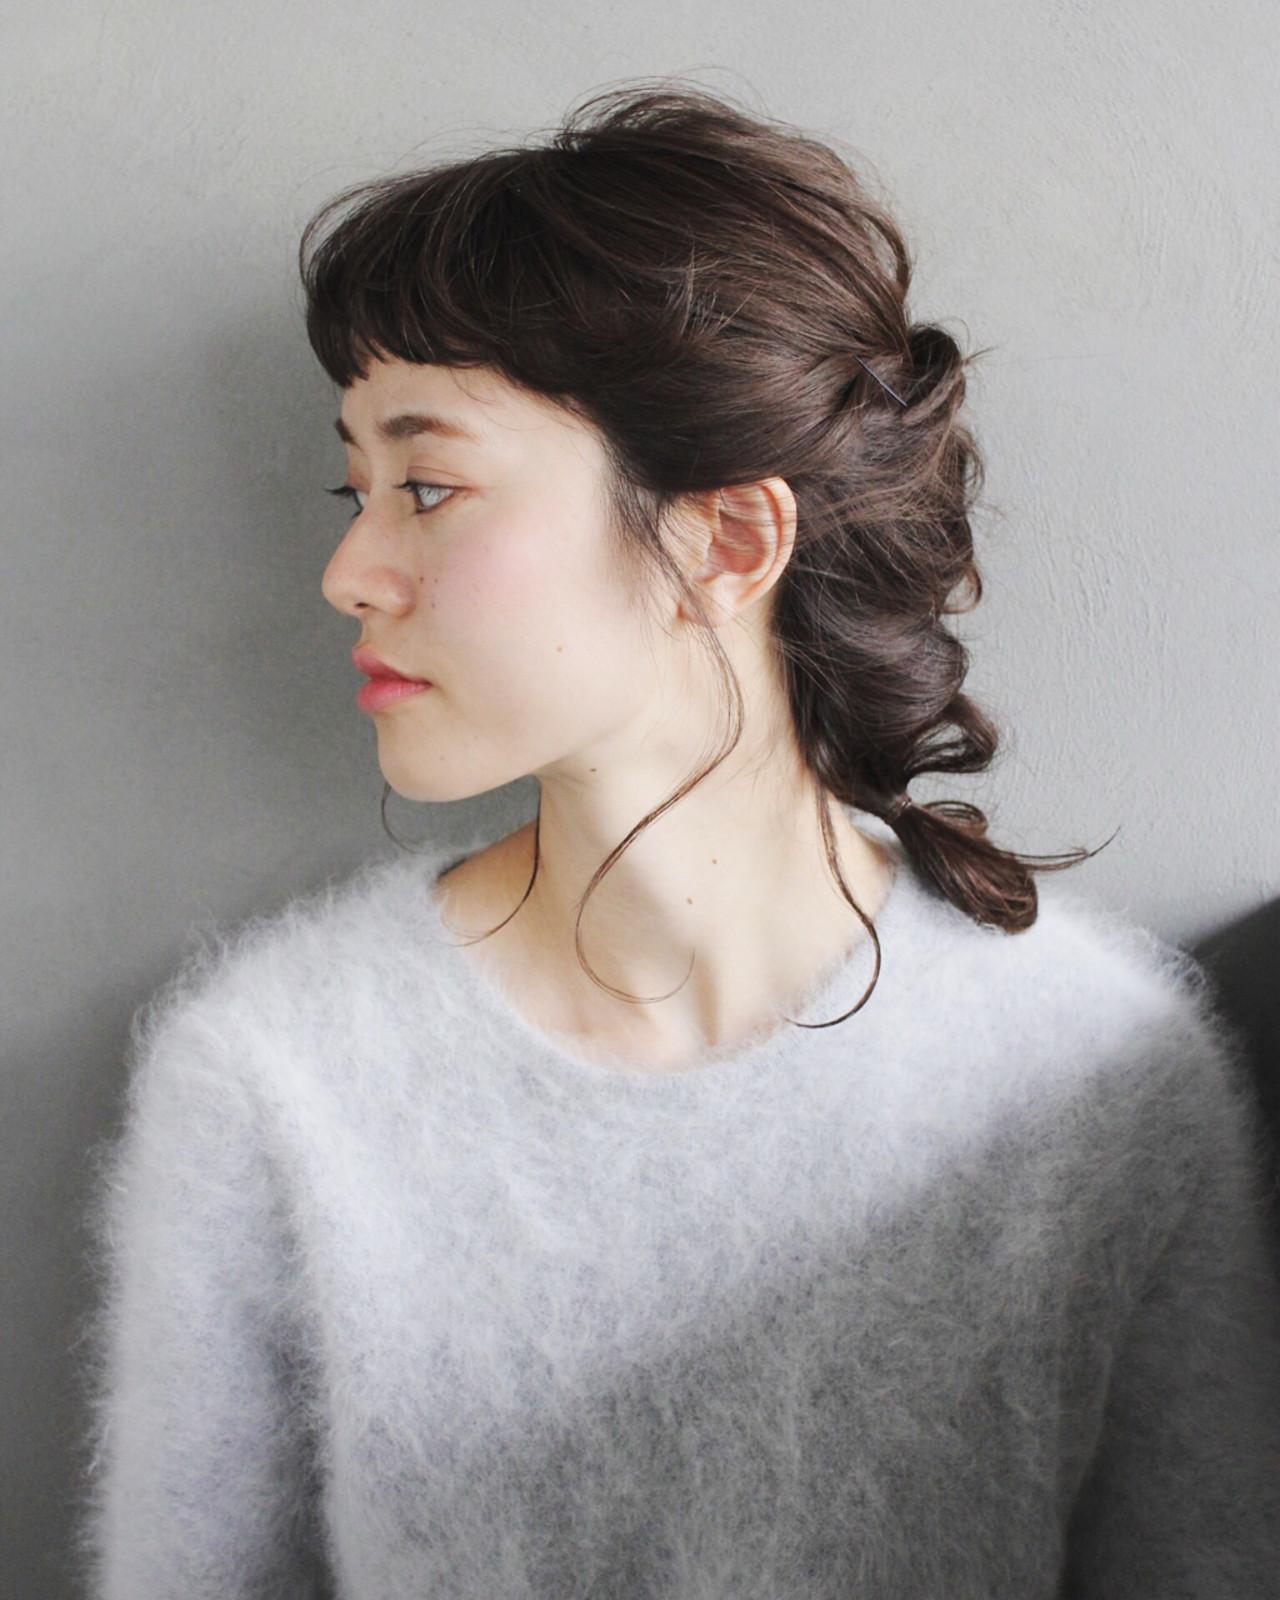 暗髪 セミロング シースルーバング ルーズ ヘアスタイルや髪型の写真・画像